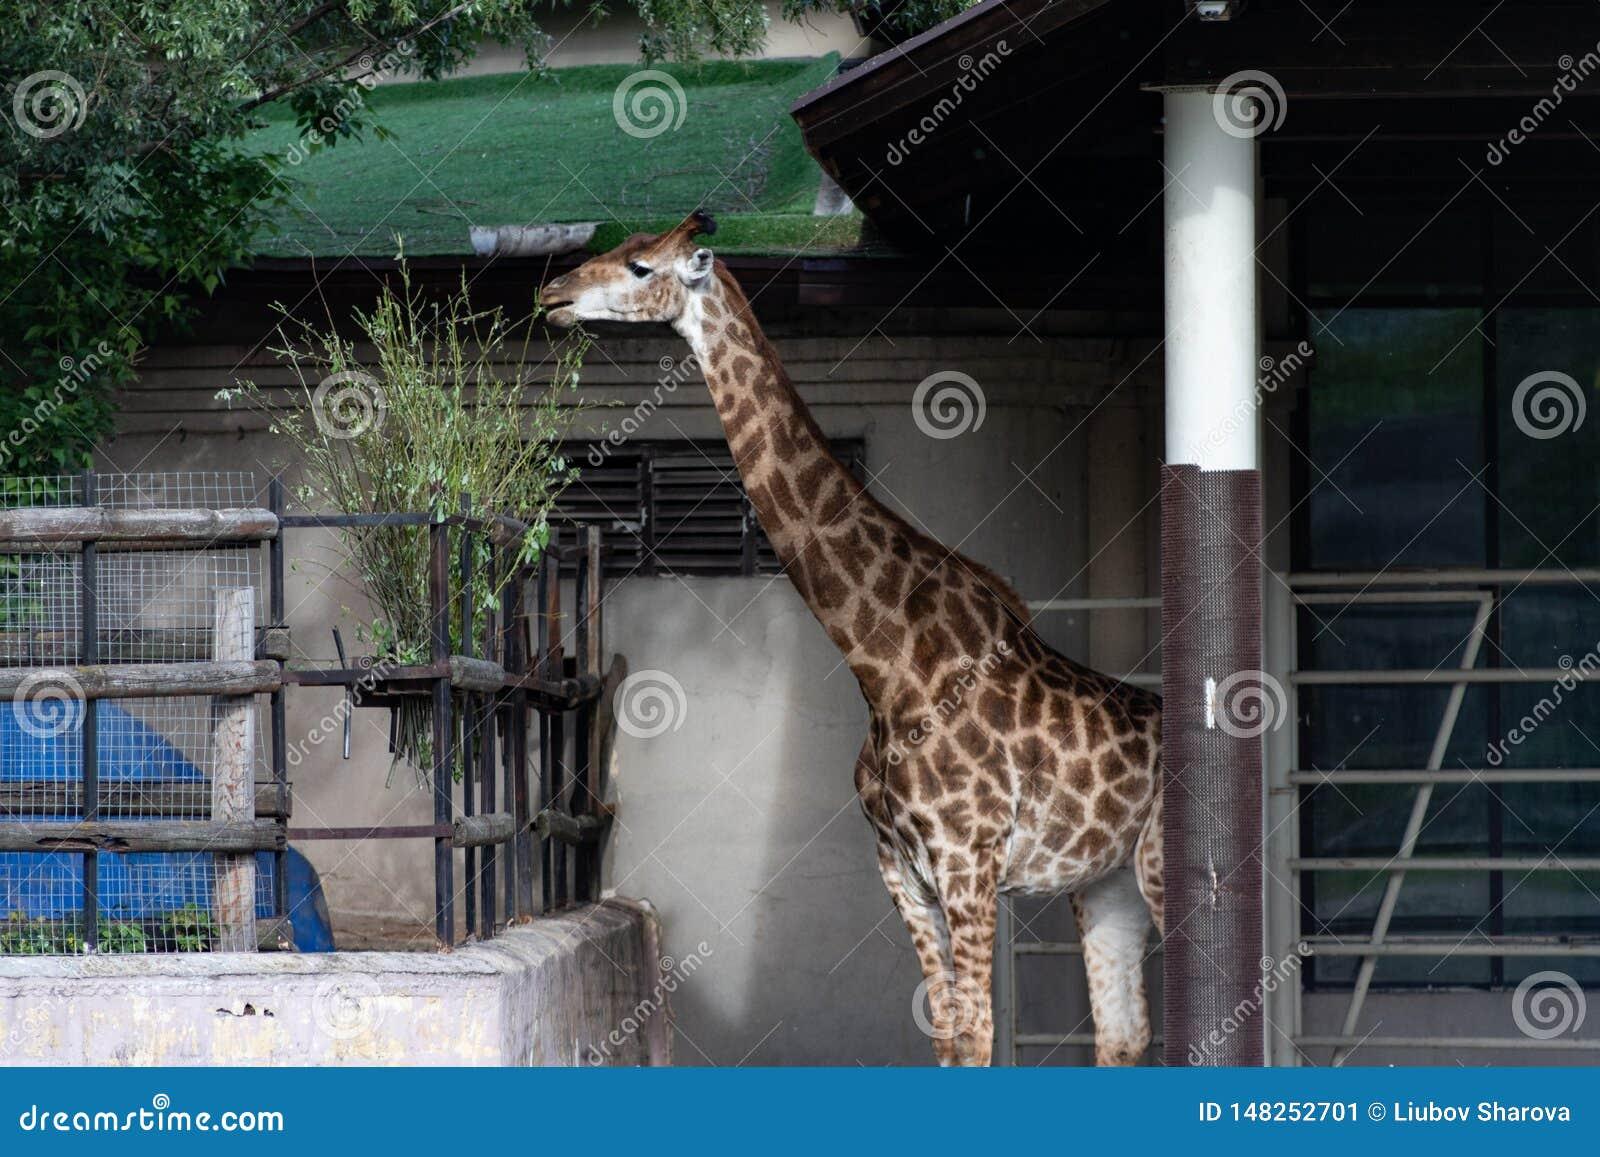 Camelopardalis van girafgiraffa is een Afrikaan gelijk-toed ungulate zoogdier, het langst van alle extant land-levende diersoort,